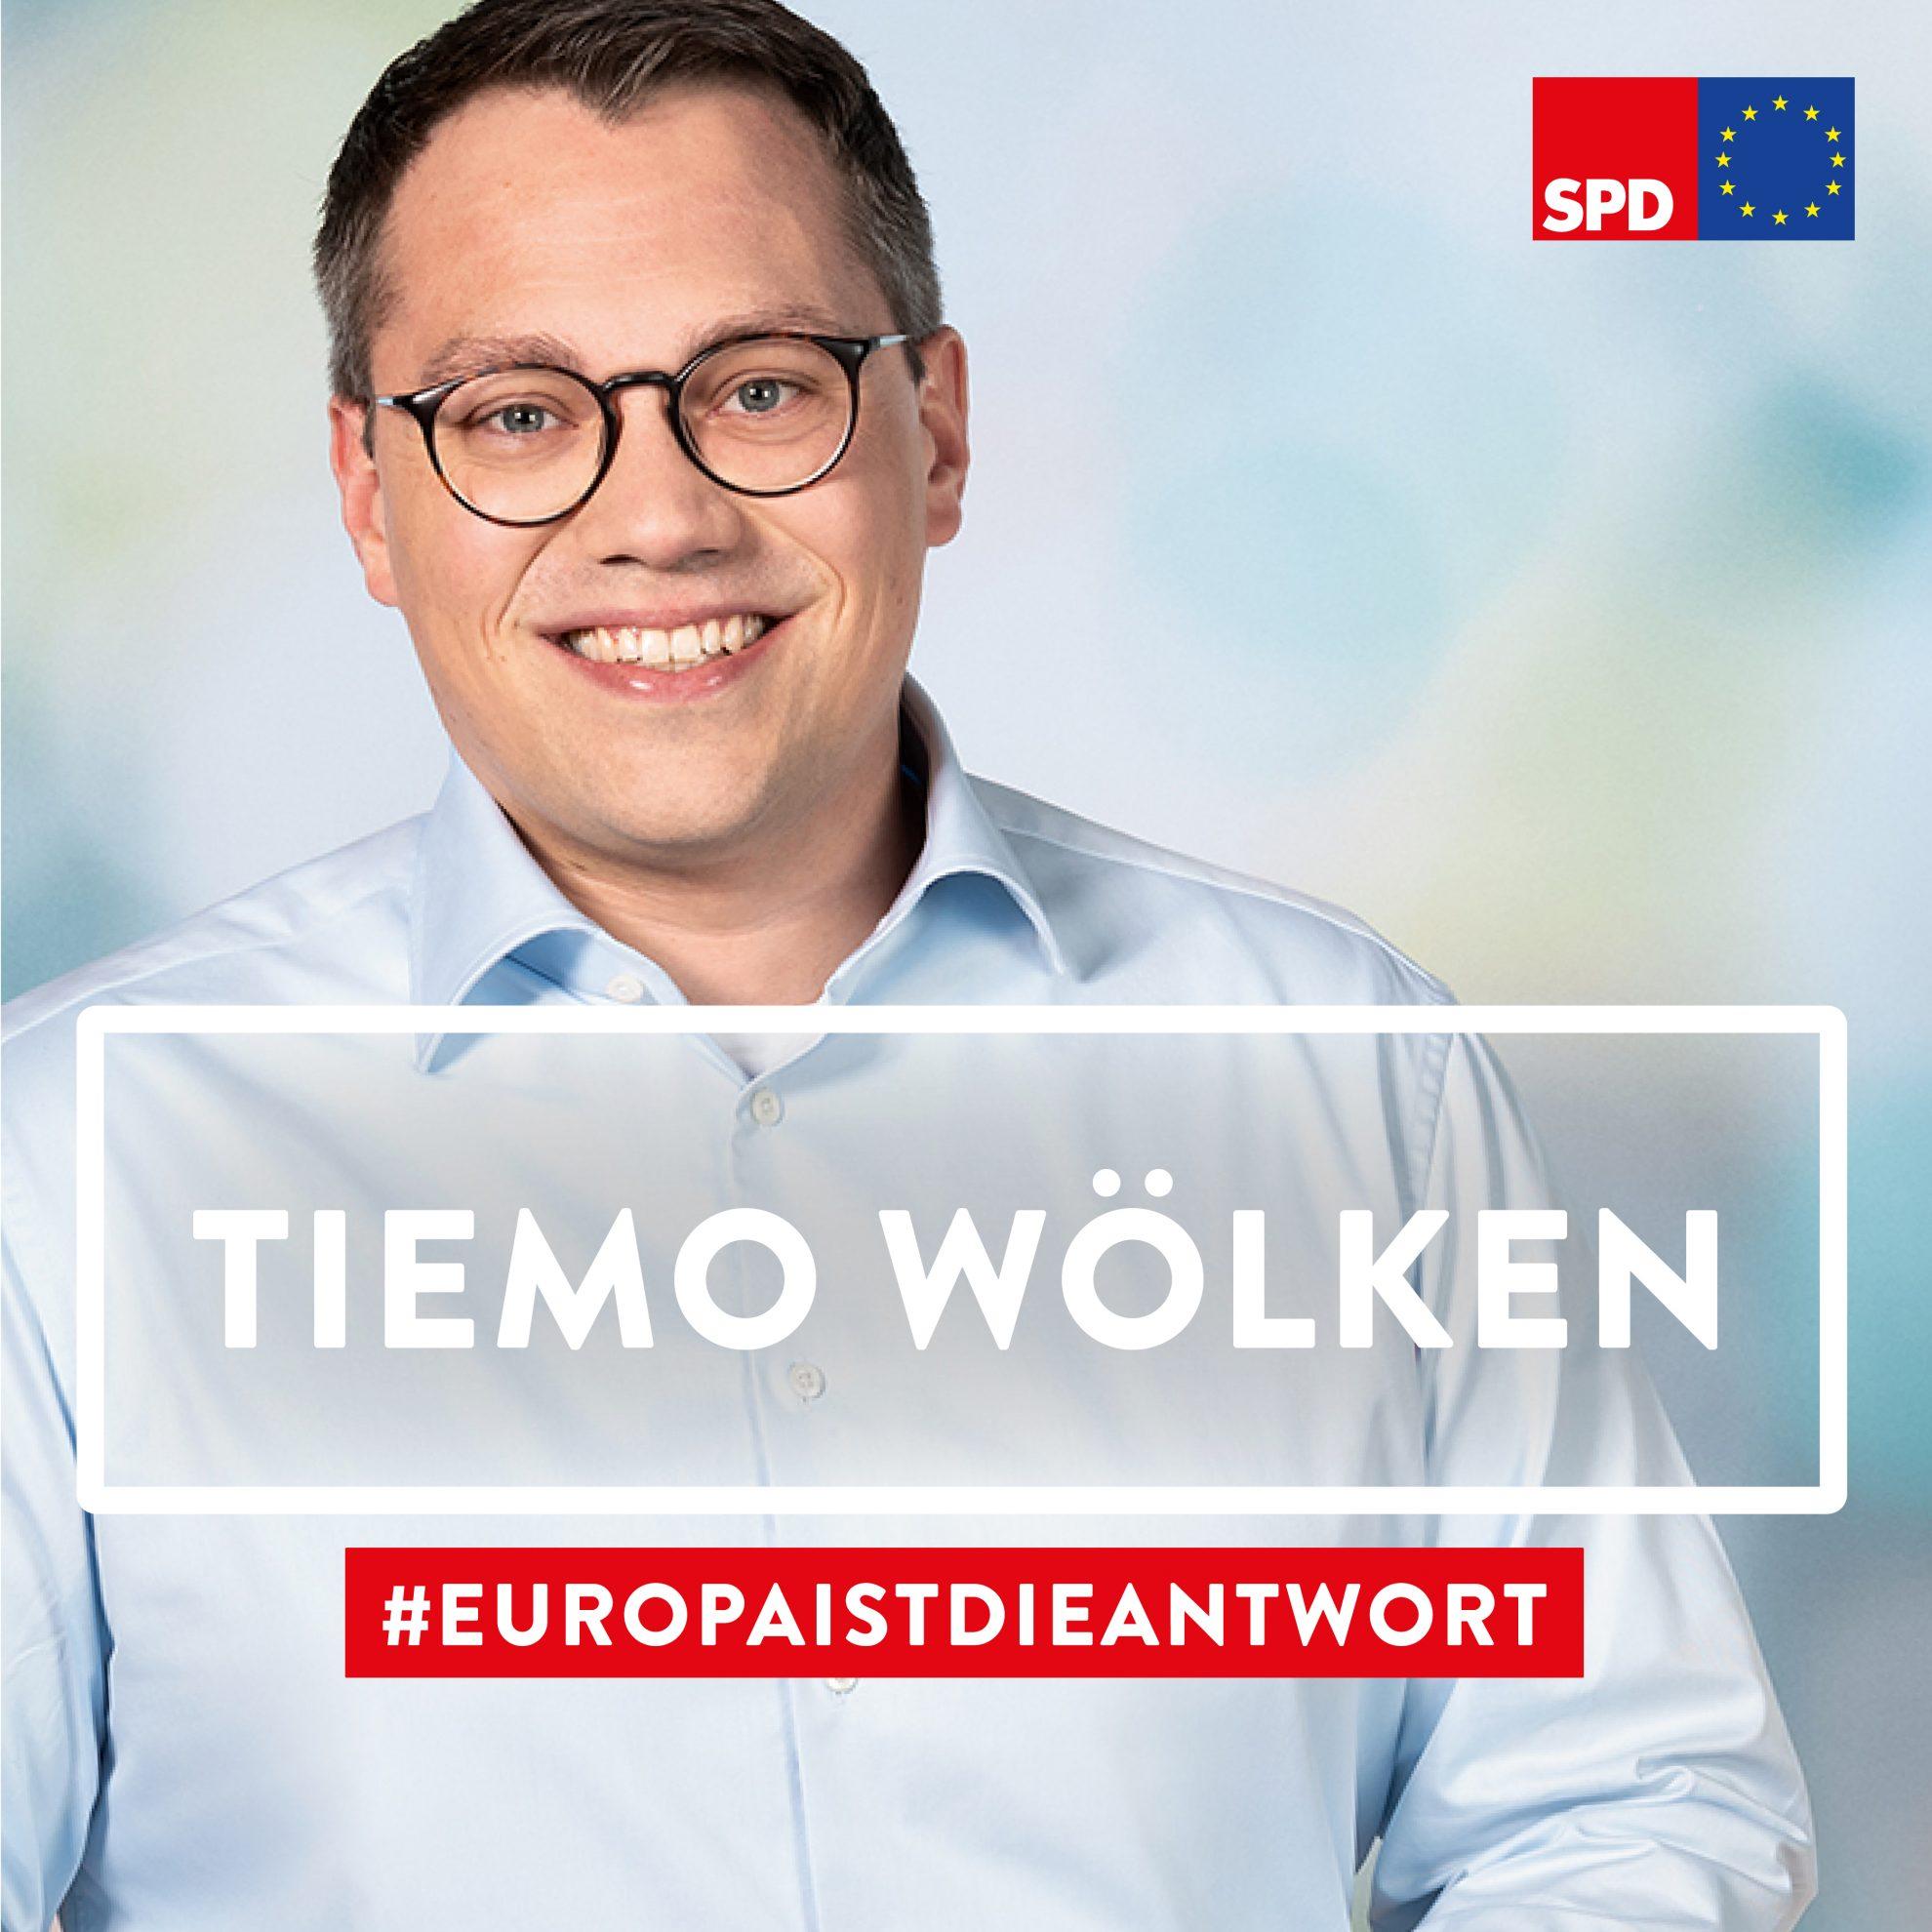 Das Bild zeigt ein Porträt unseres Europa-Kandidaten Tiemo Wölken in der Halbtotalen. Tiemo Wölken steht lachend vor einem pastellfarbenem Hintergrund.